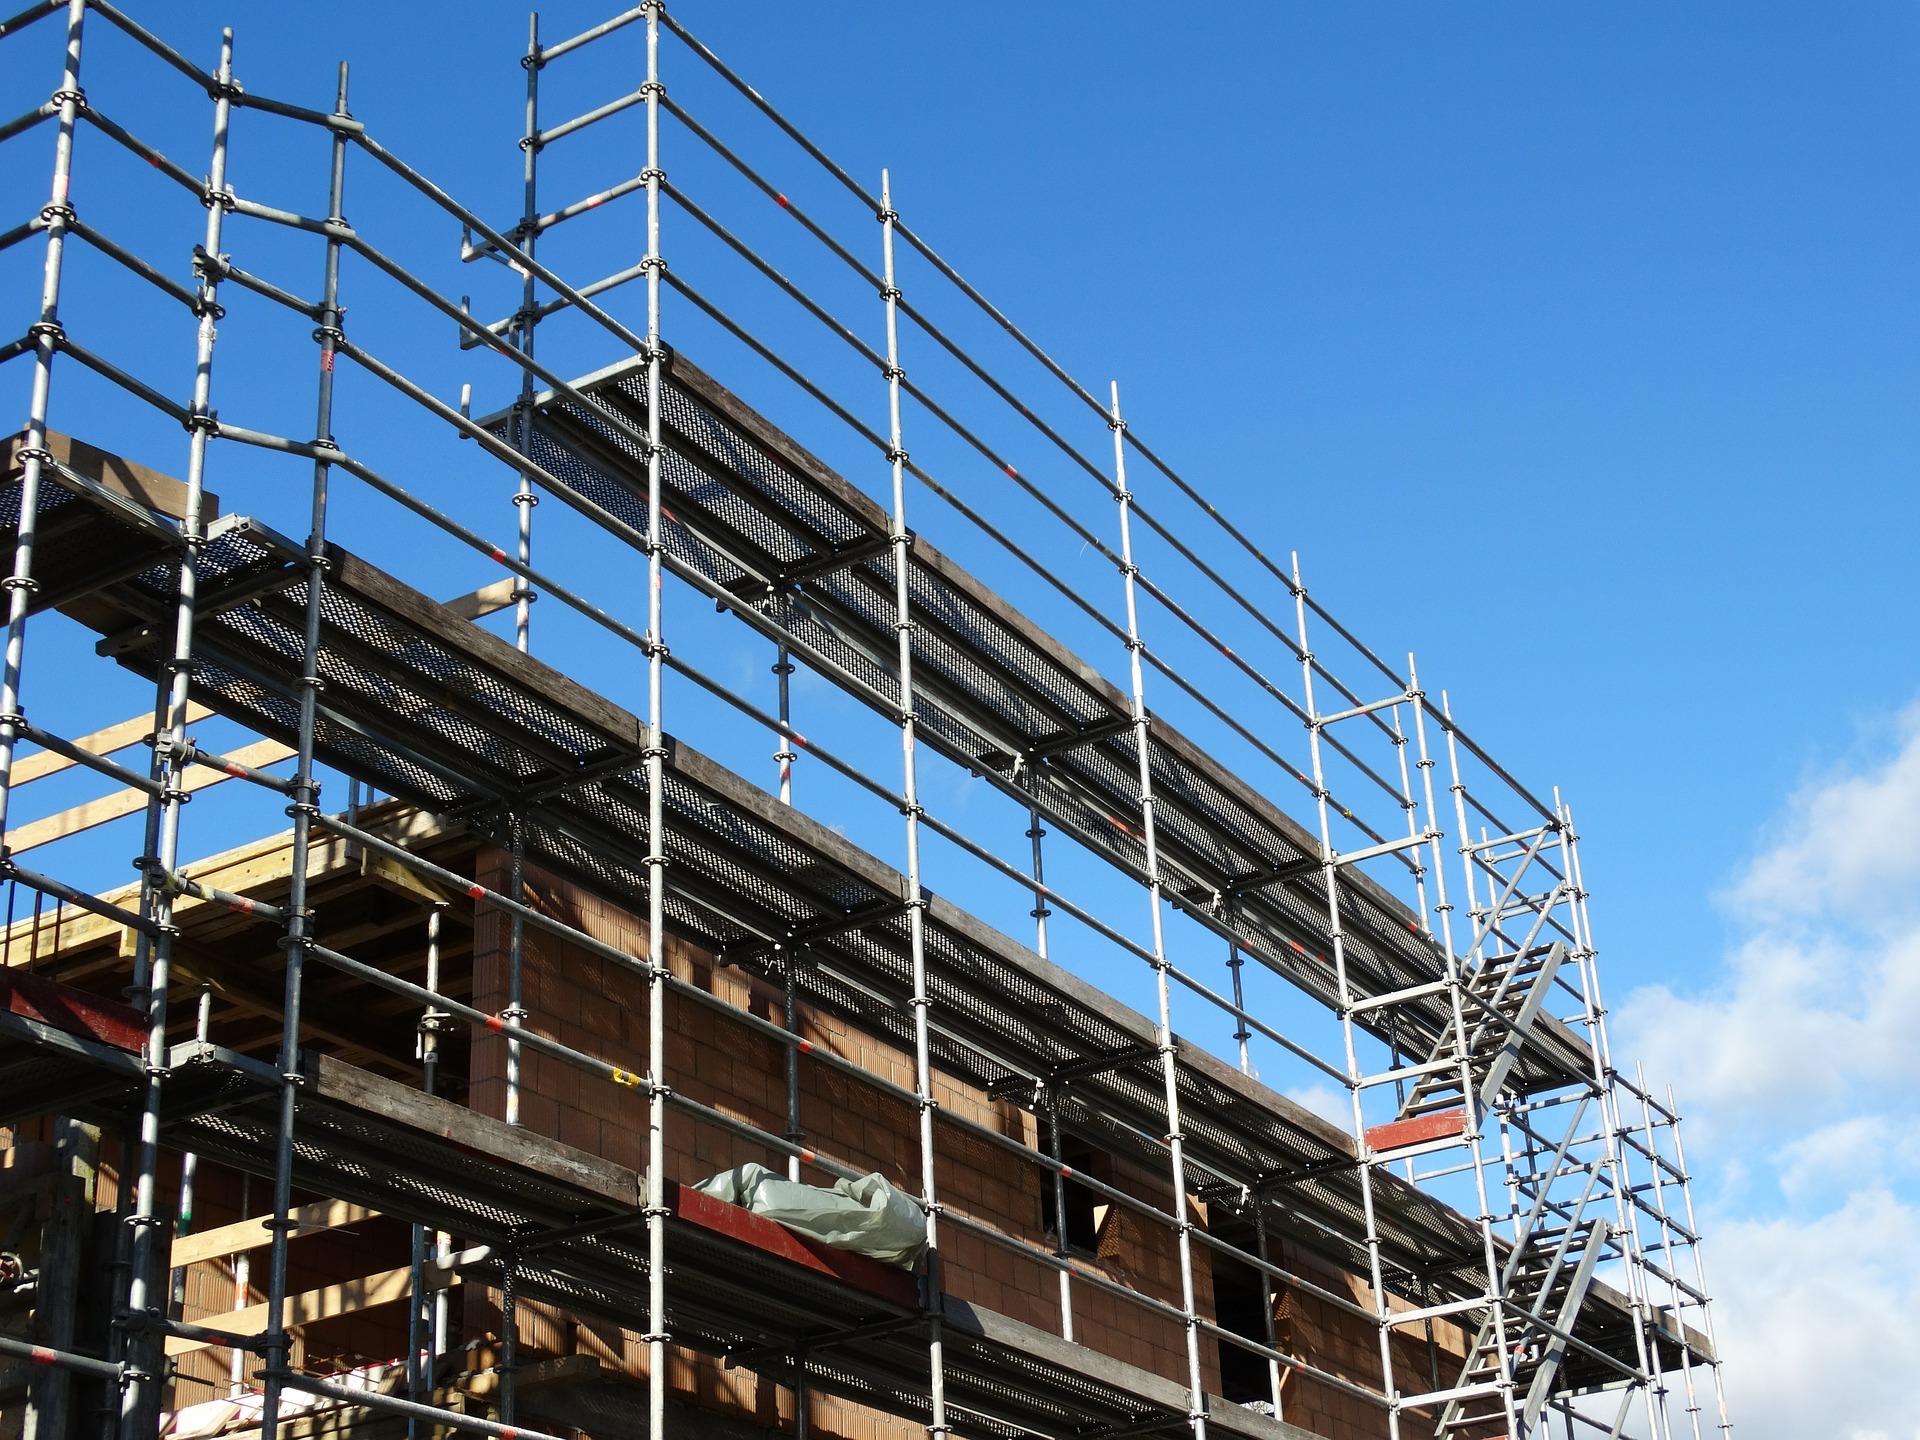 Bauverträge Mit Privaten Bauherren (Verbraucherbauvertrag) Ab 2018